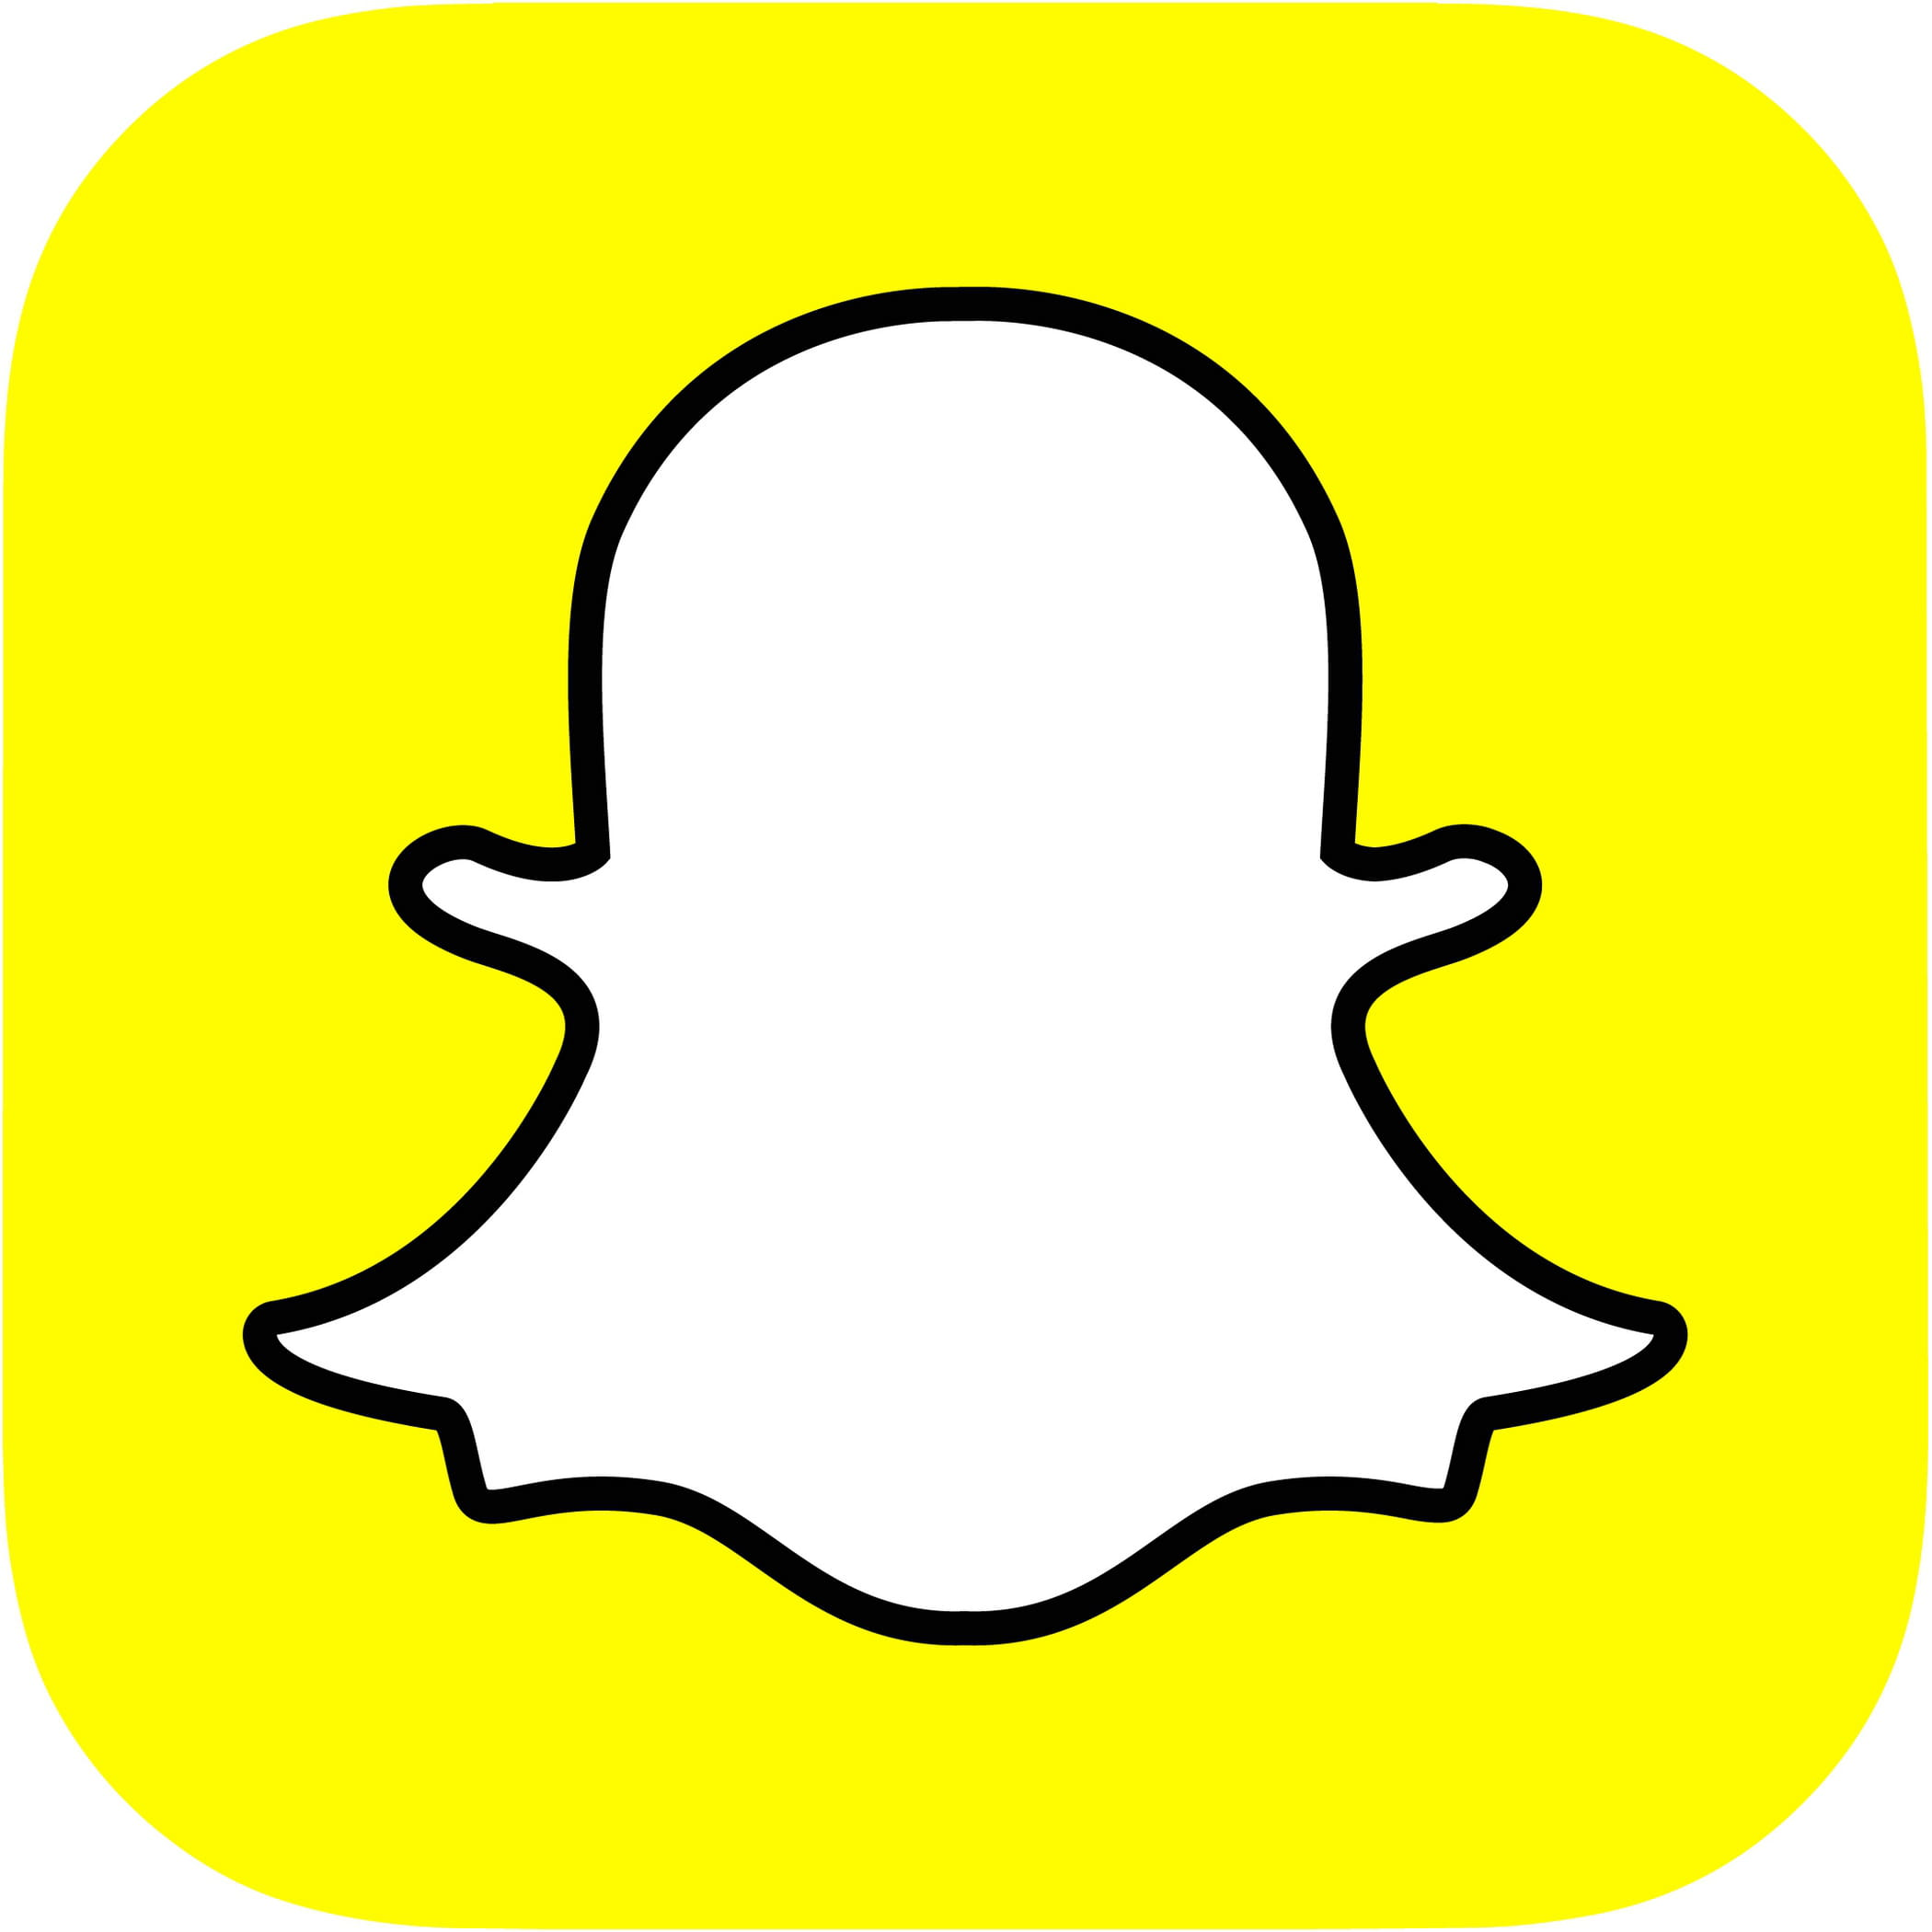 qV2kB3TbZyA4DRRlWlhHaz snapchat logo